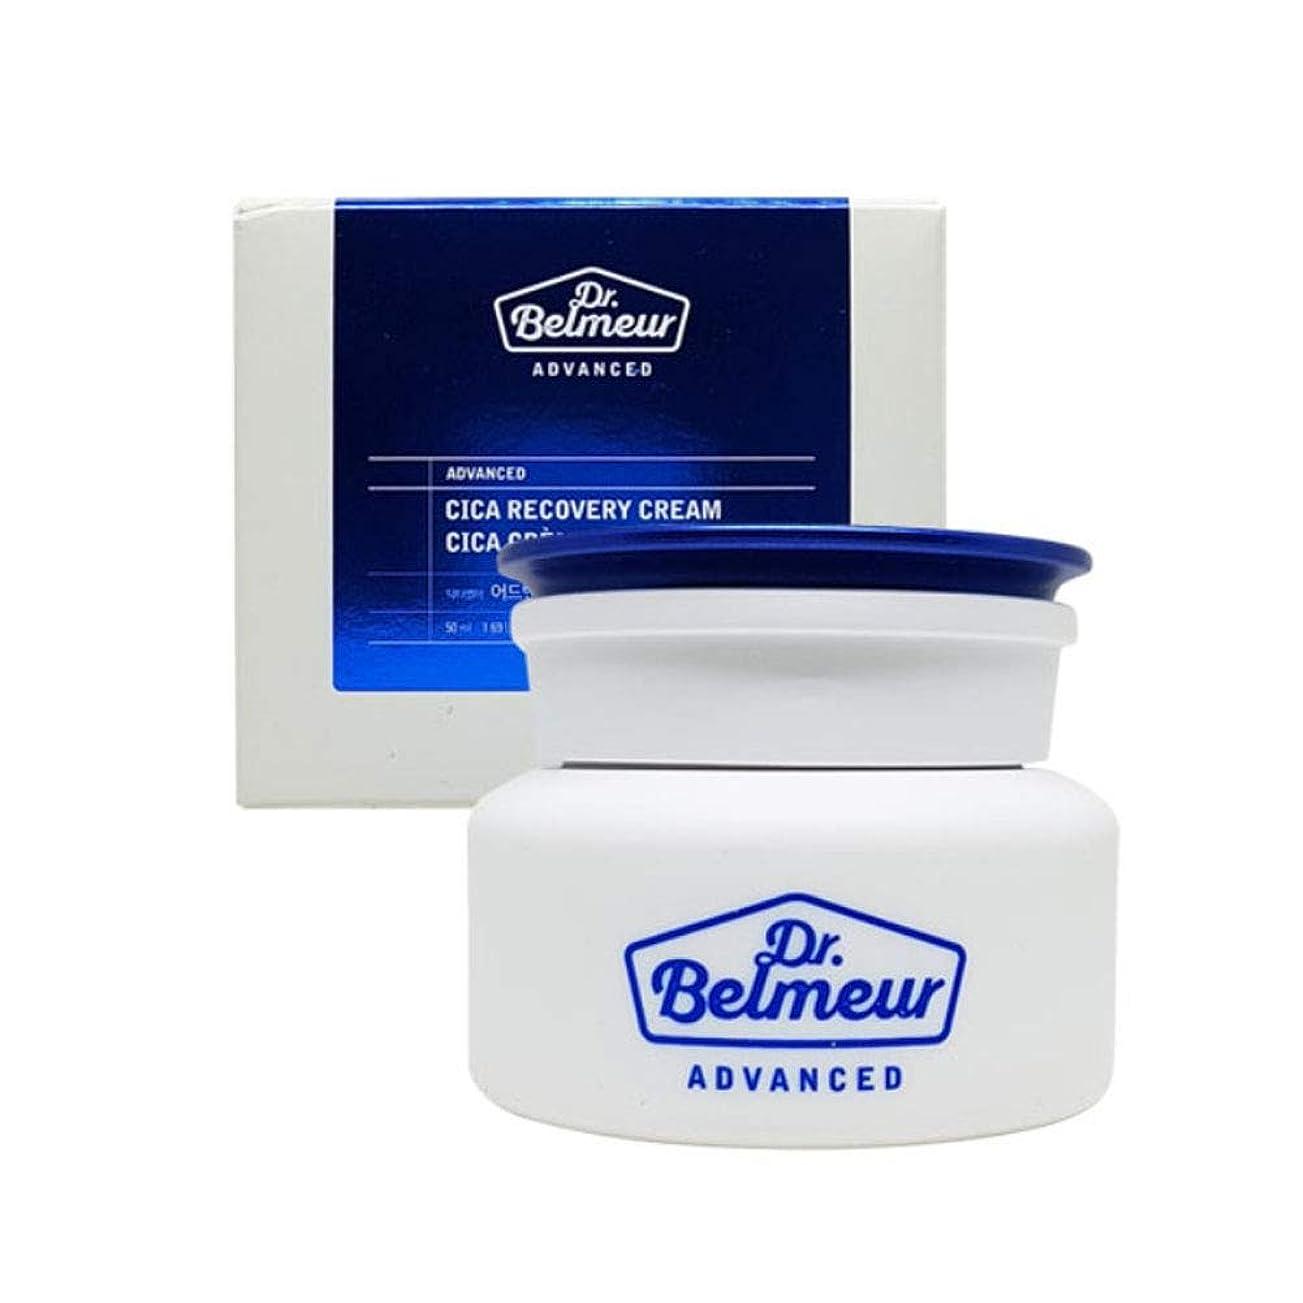 一般的なタクシービルダーザ?フェイスショップドクターベルモアドバンスドシカリカバリークリーム50ml 韓国コスメ、The Face Shop Dr.Belmeur Advanced Cica Recovery Cream 50ml Korean Cosmetics [並行輸入品]